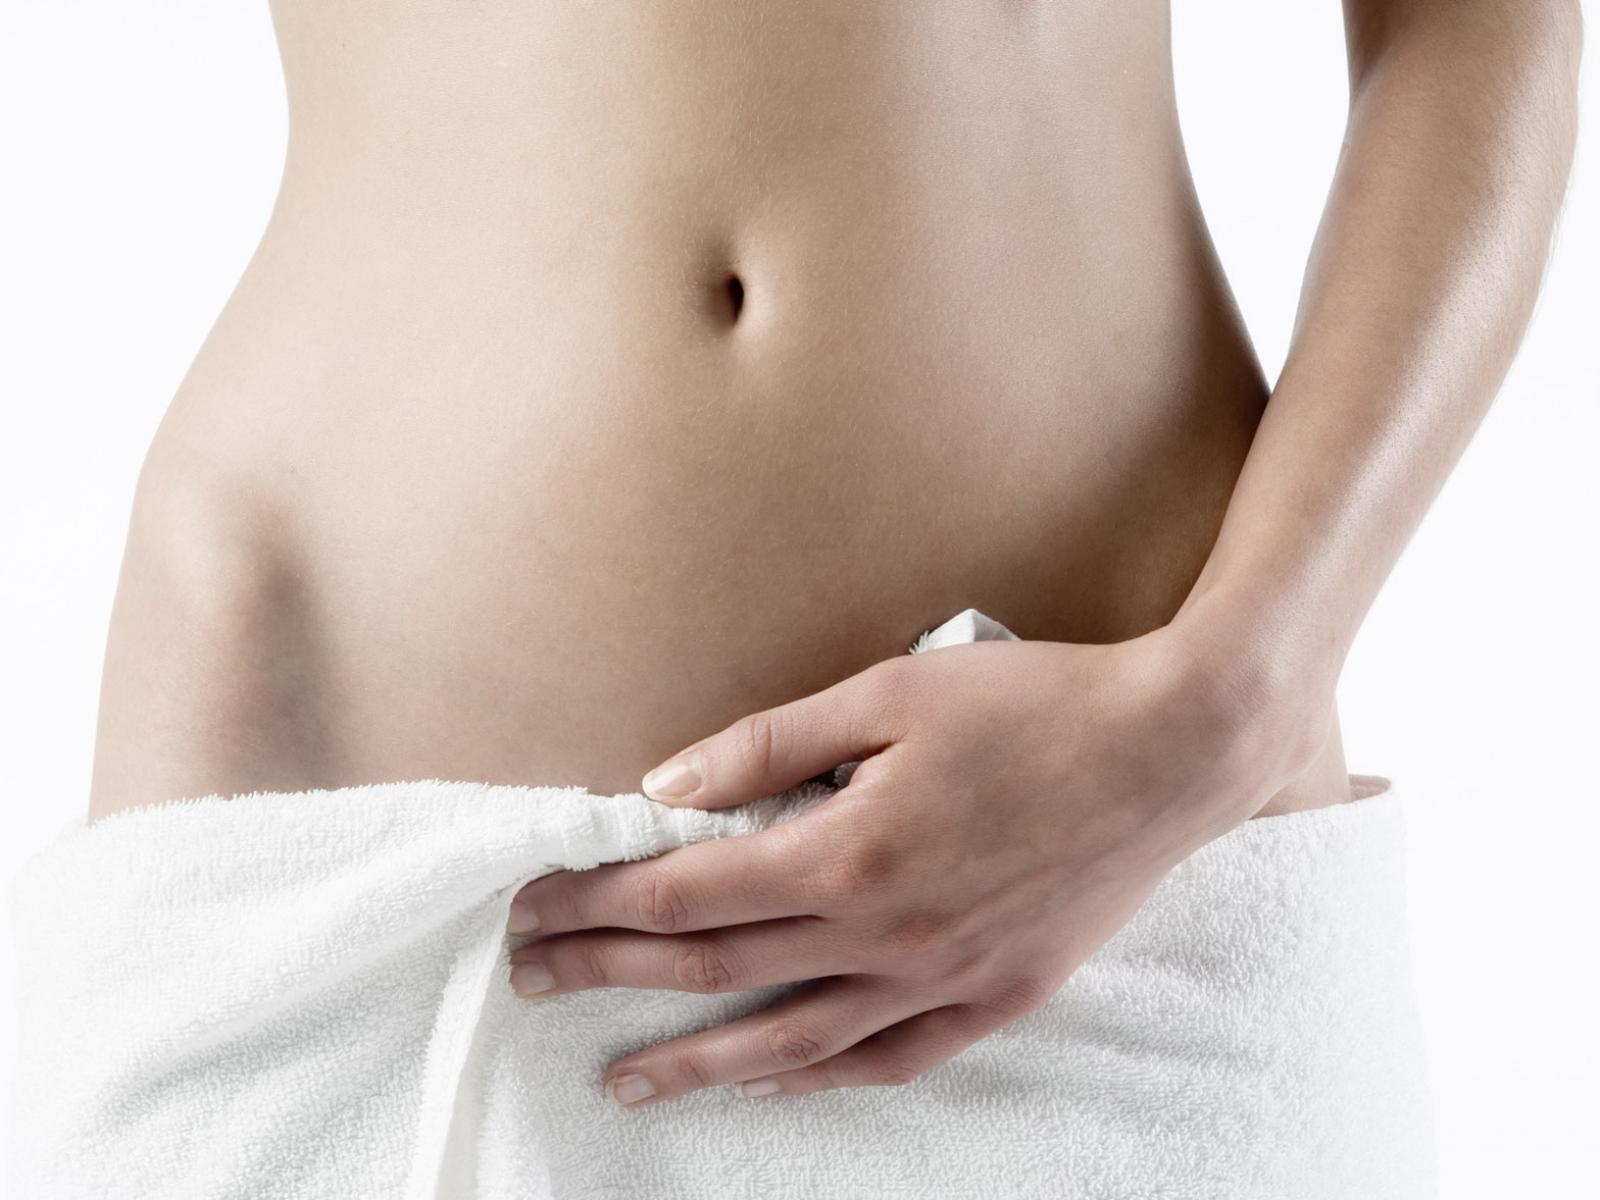 Фото жіночої вагіни і груді 13 фотография